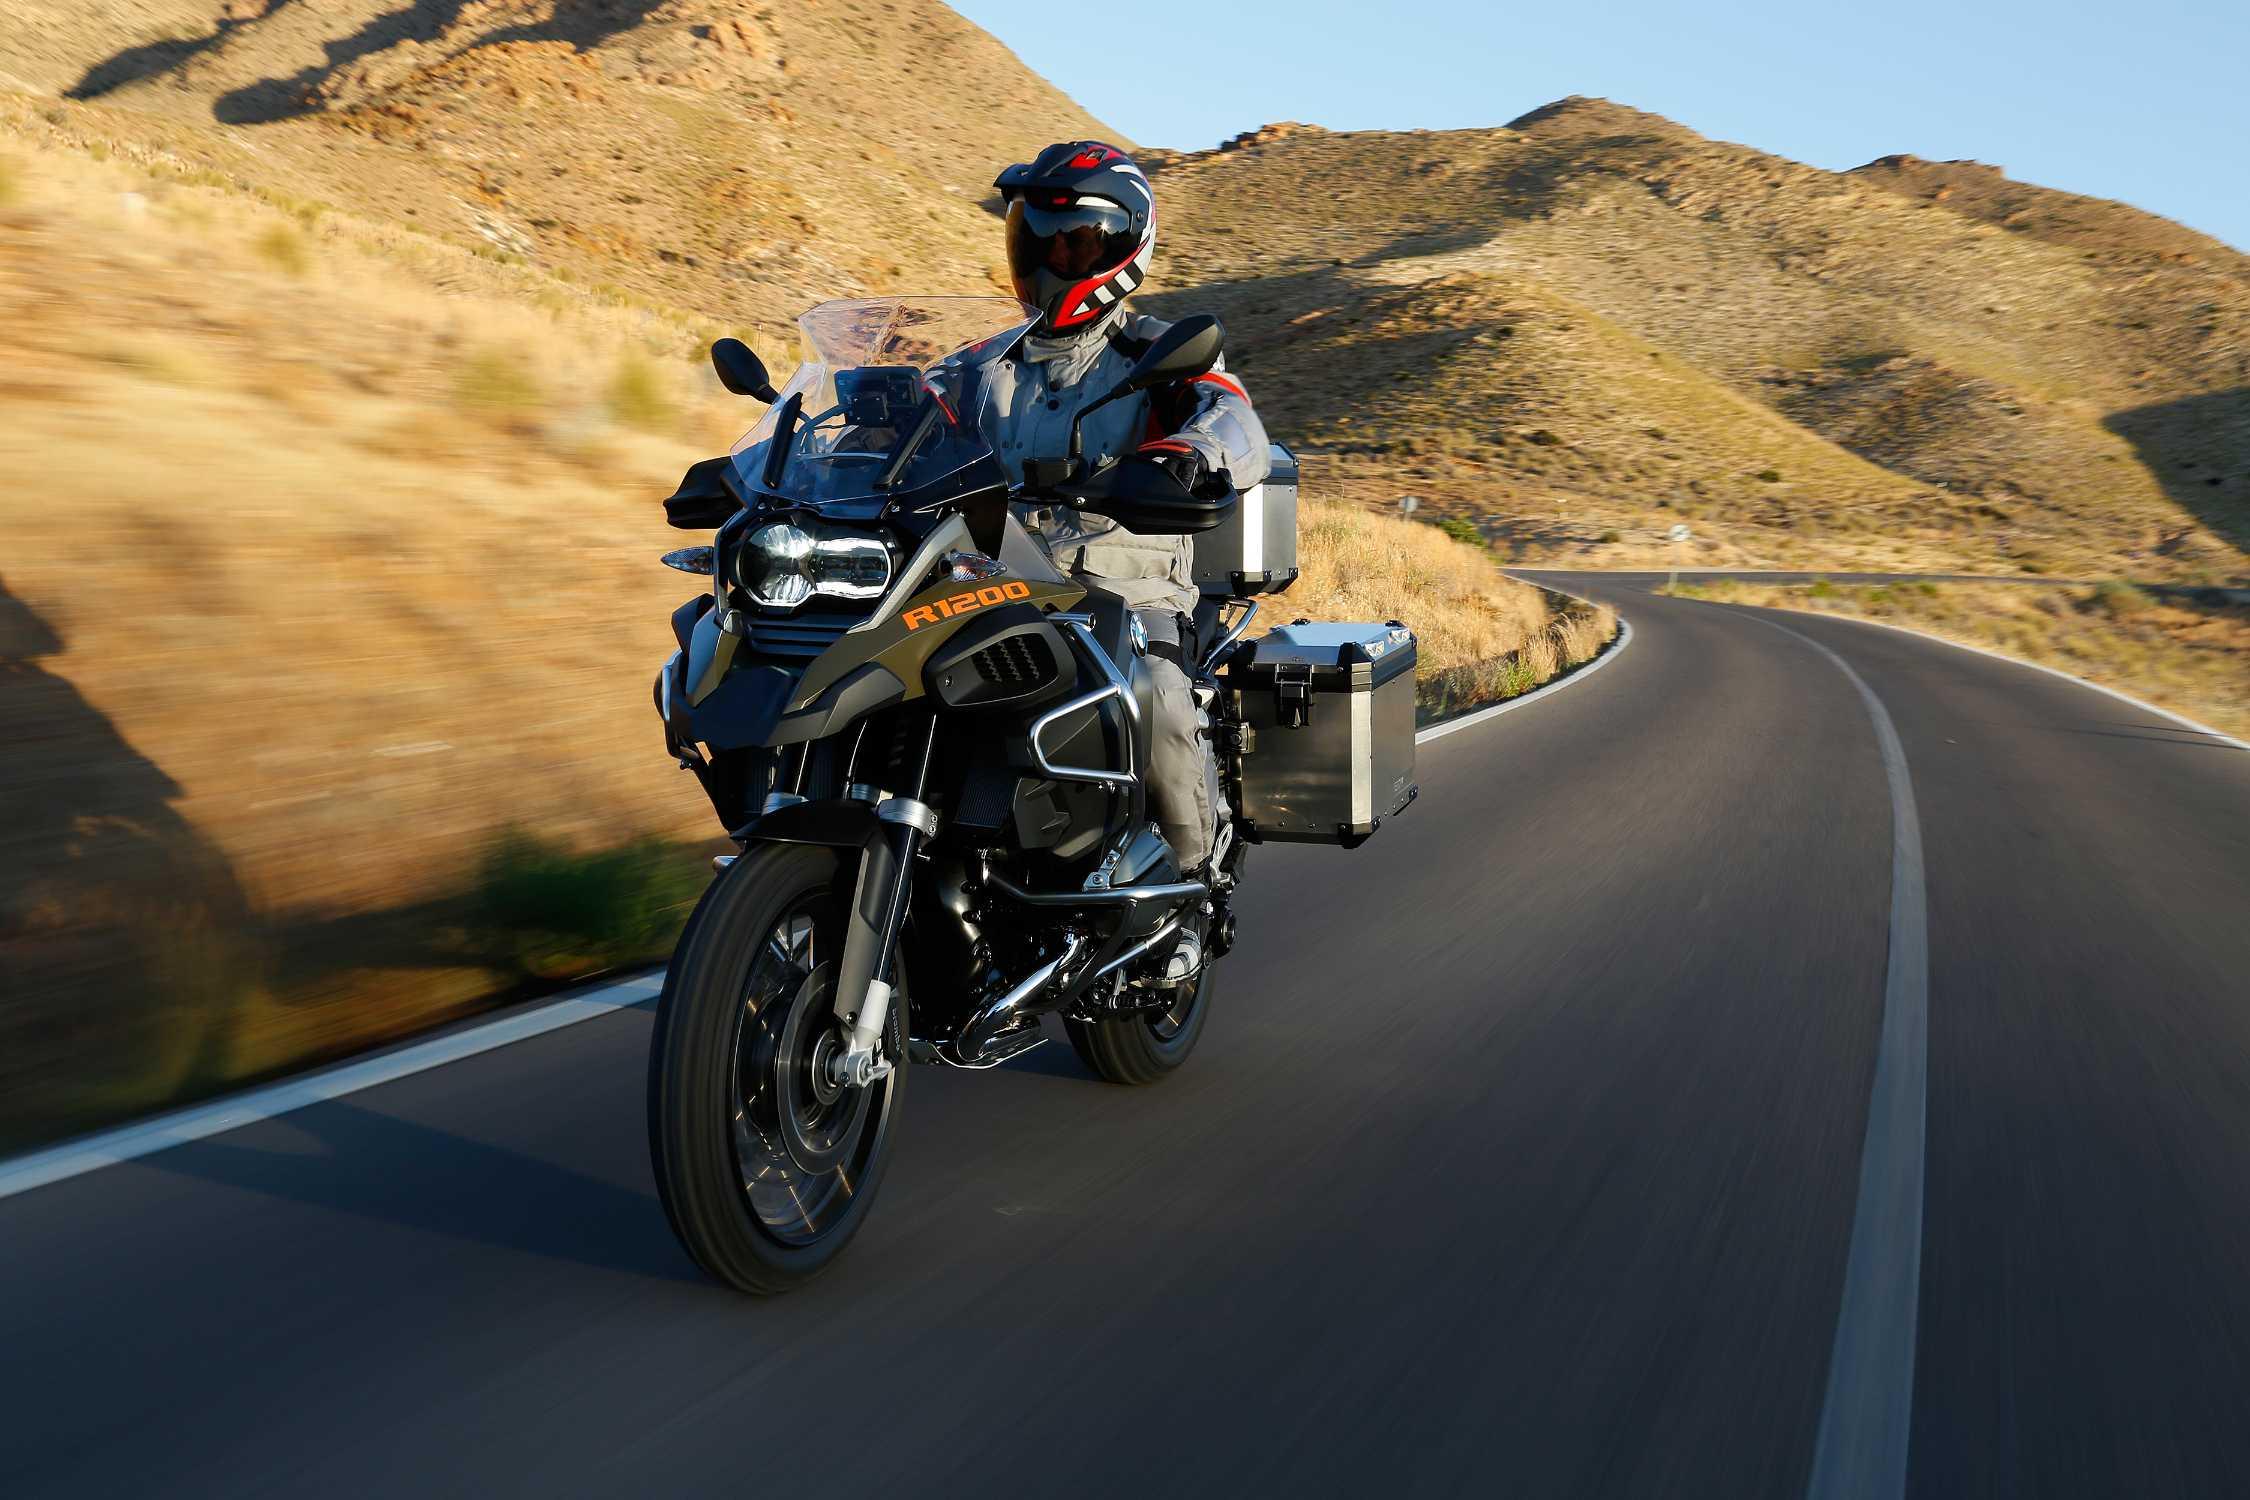 BMW ti invita sabato 1 e domenica 2 febbraio per scoprire le nuove R 1200 RT e R 1200 GS Adventure